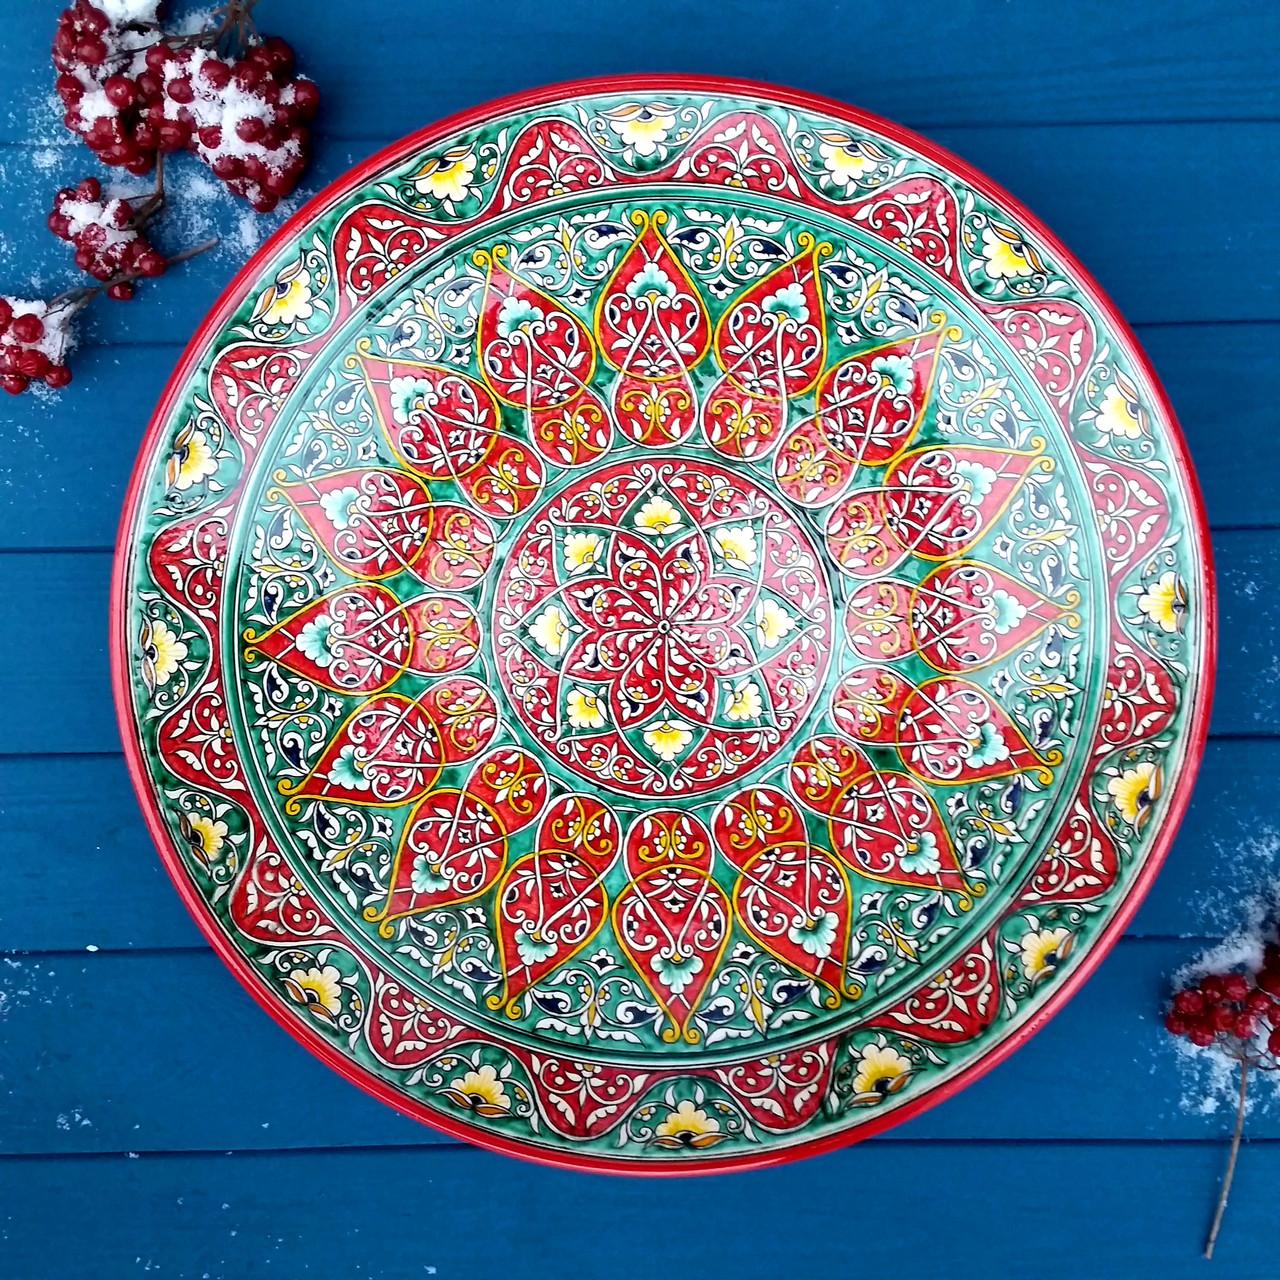 """УЦЕНКА. Ляган """"Ханский"""" из красной глины d 42 см. Узбекистан"""